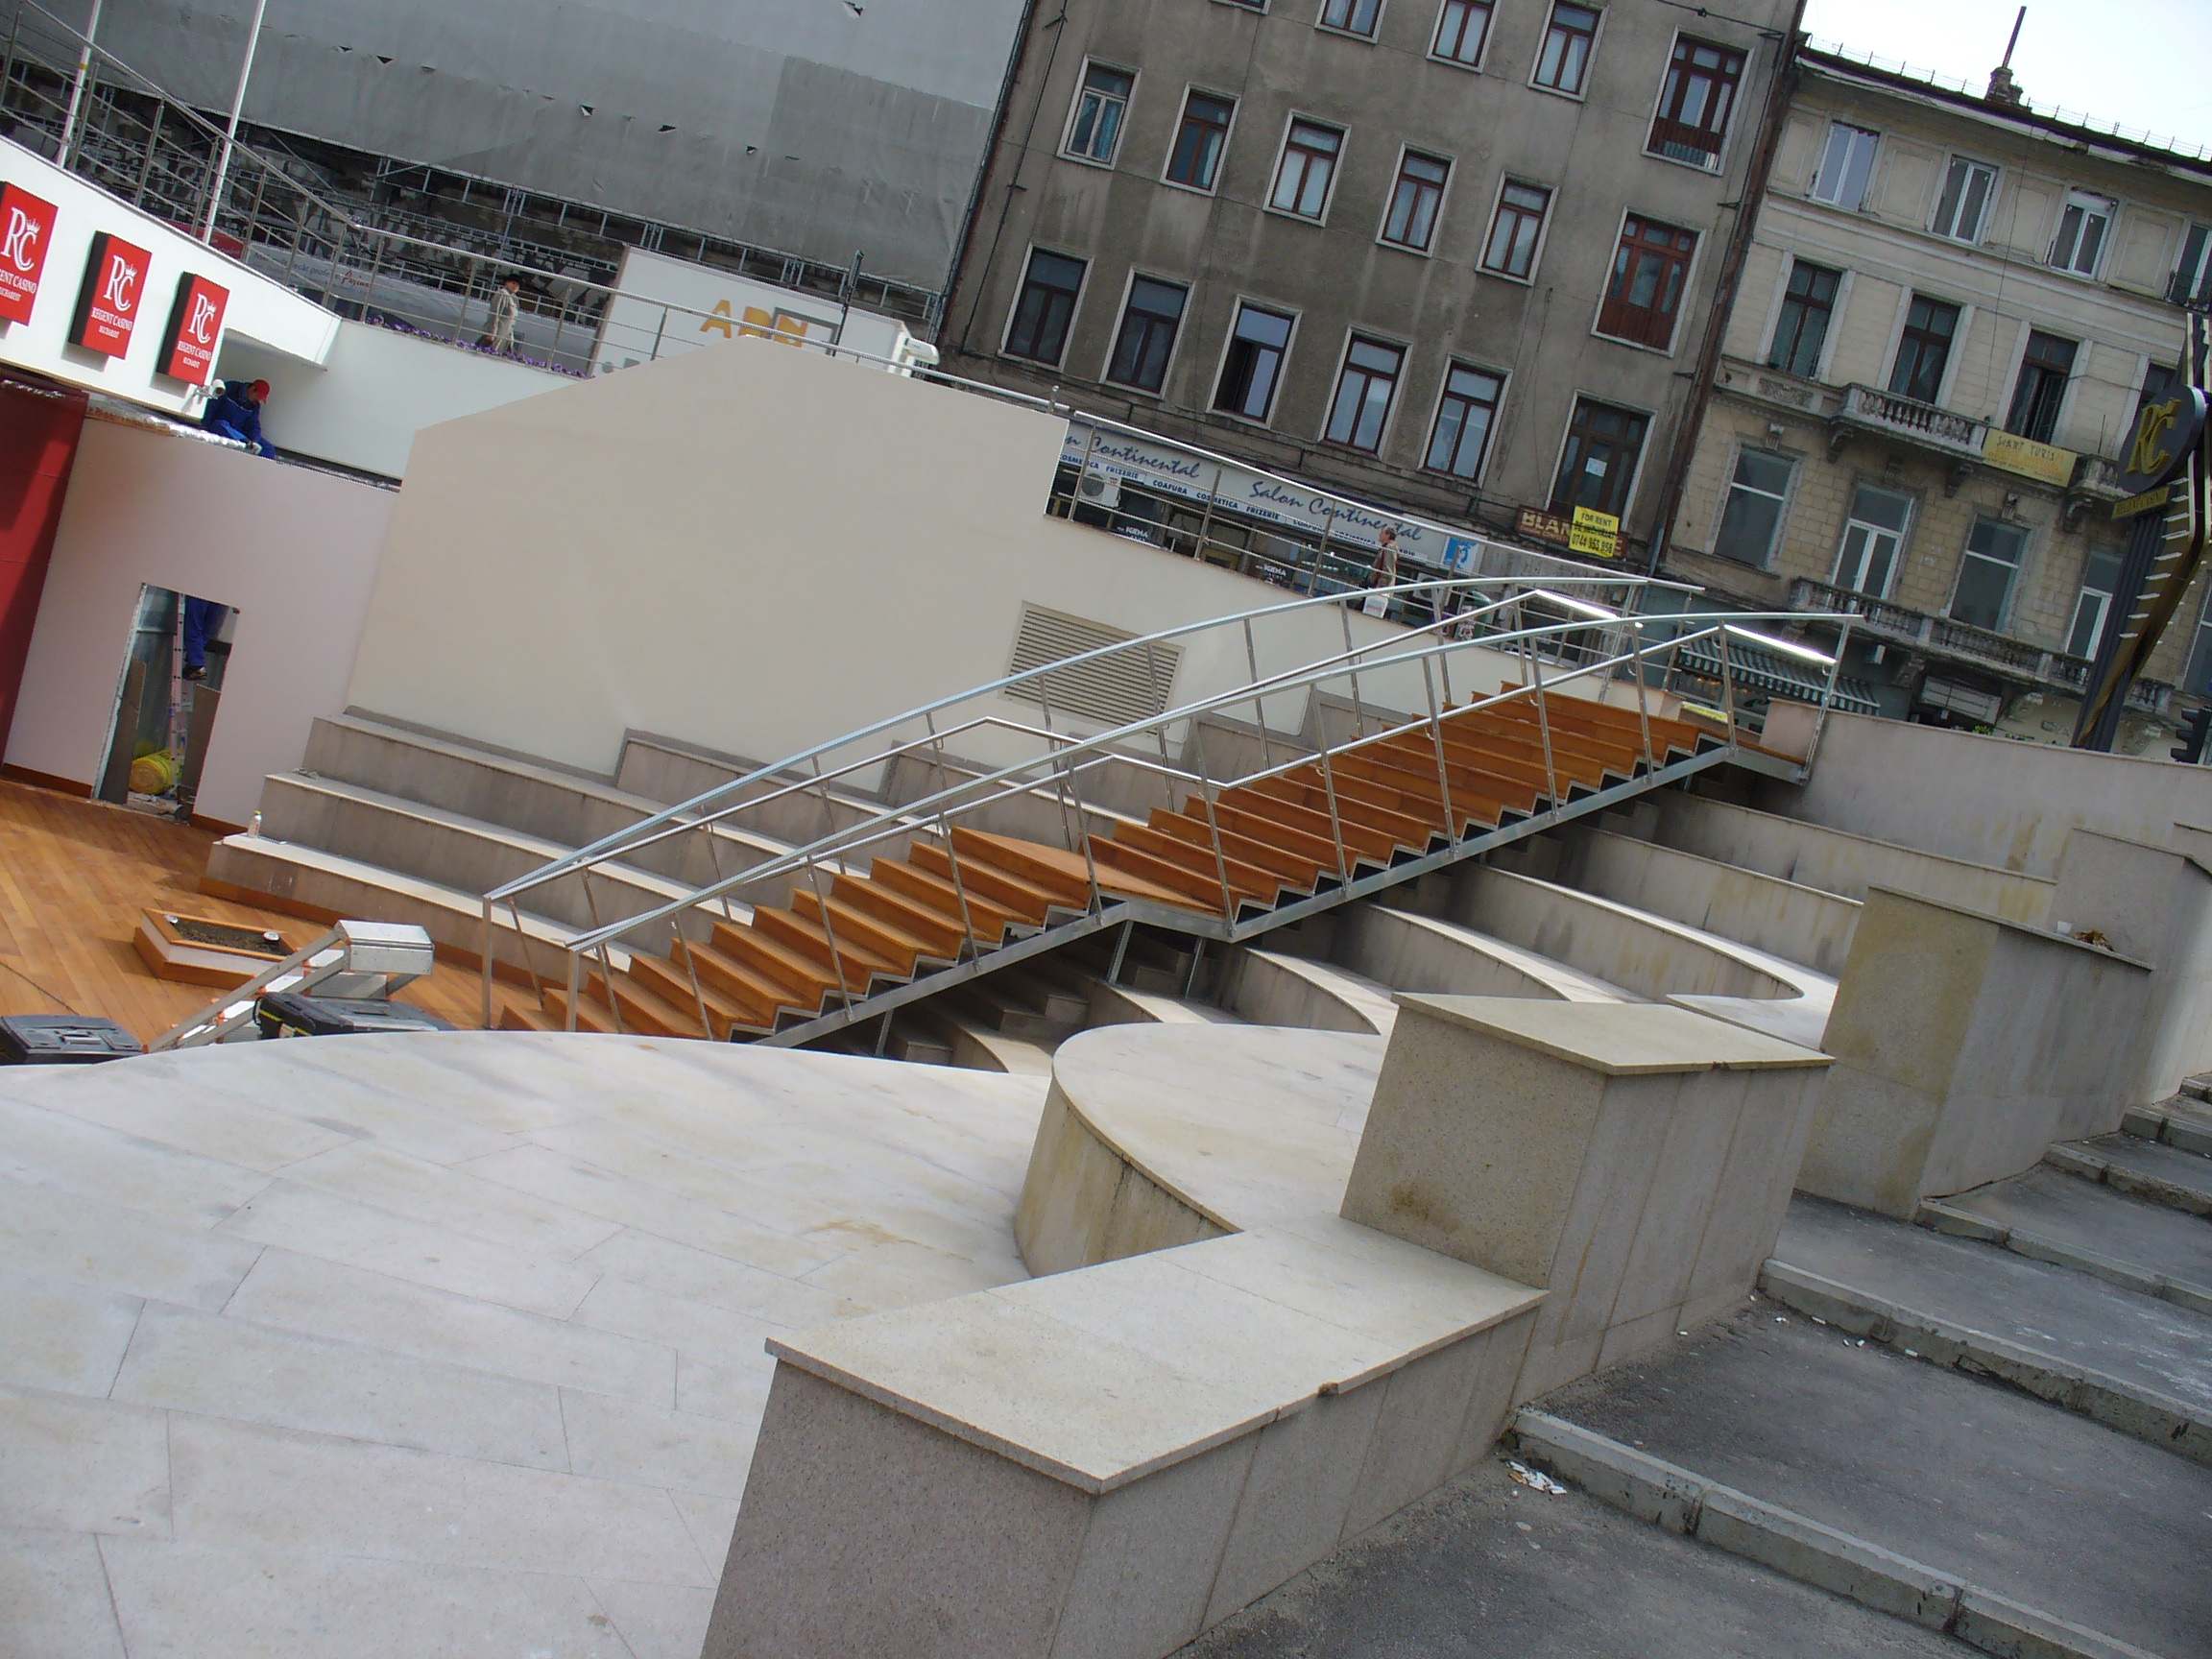 Deck-uri lemn - Guariuba SELVA FLOORS - Poza 10